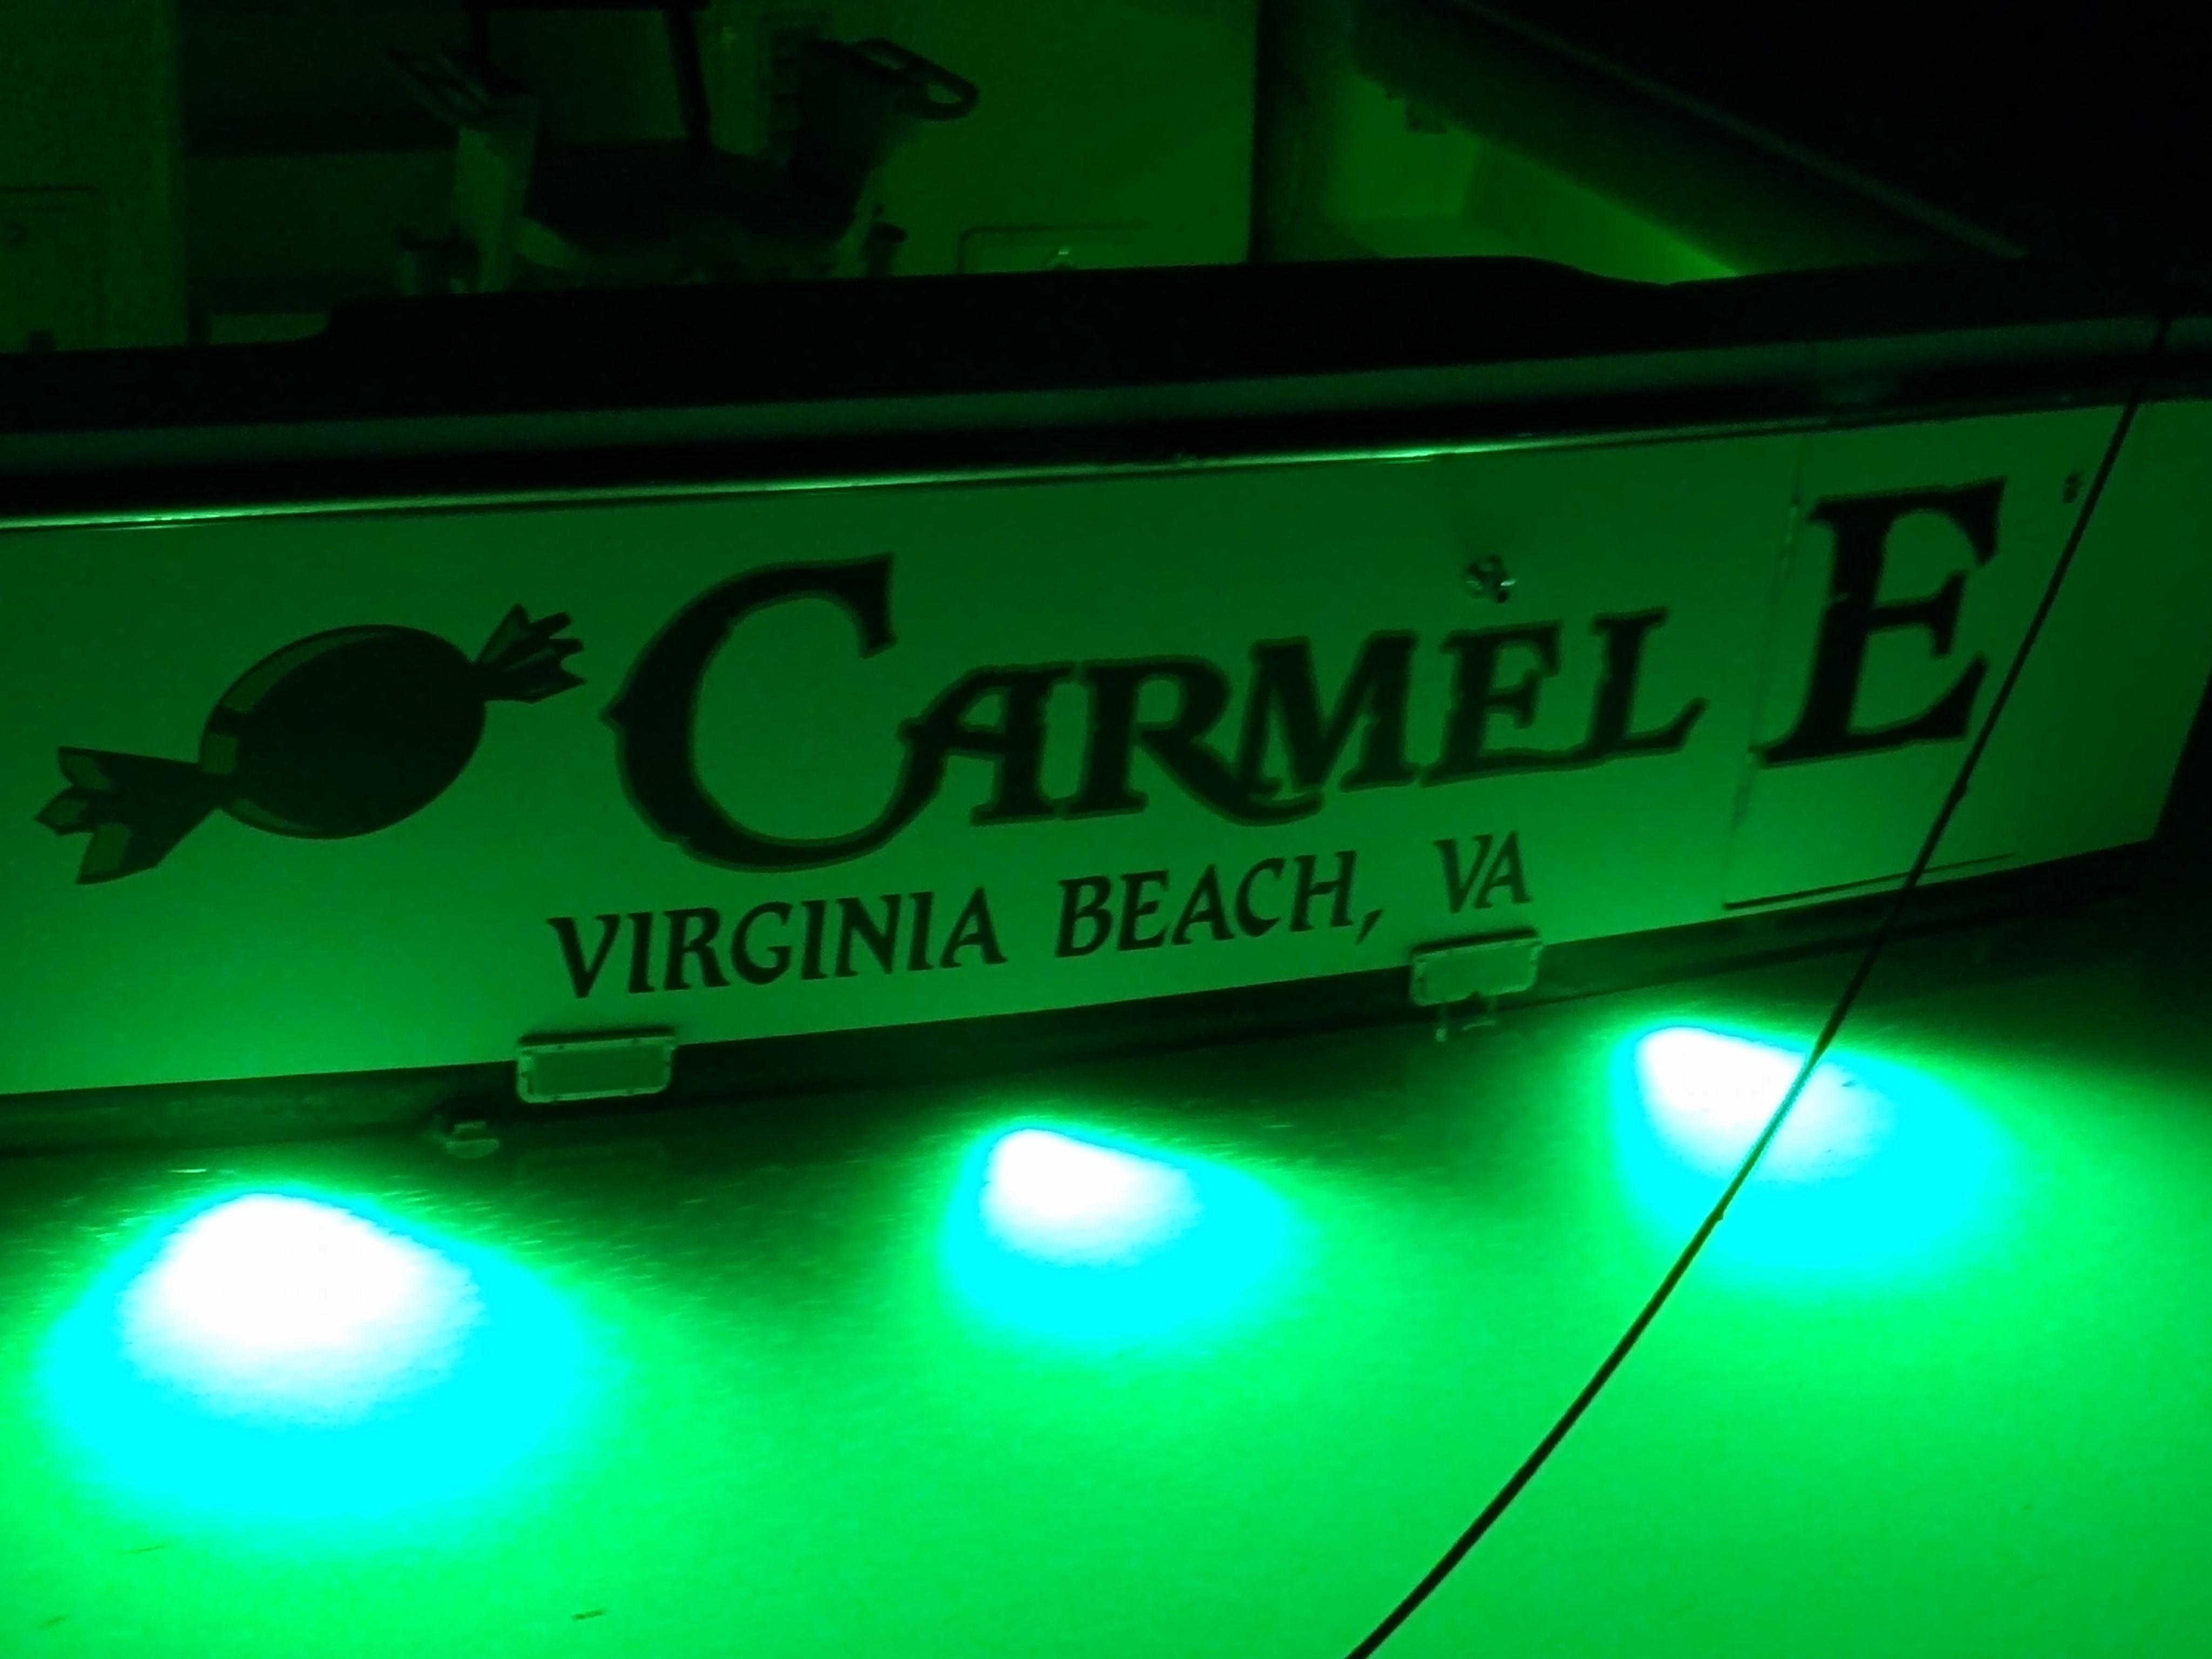 Carmel E